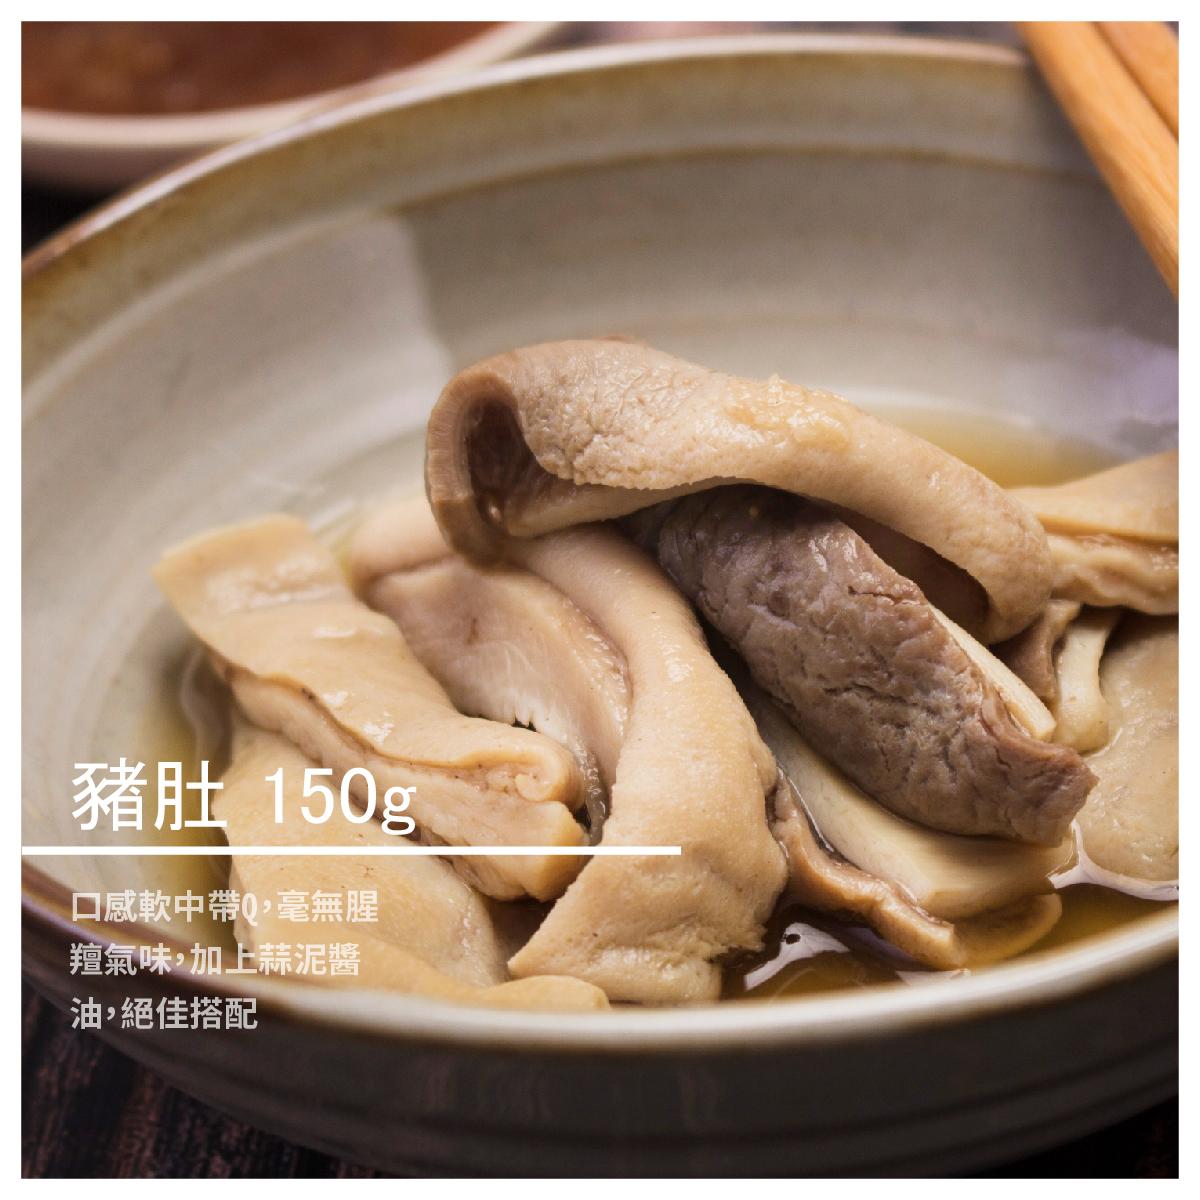 【清溪小吃部】豬肚 150g